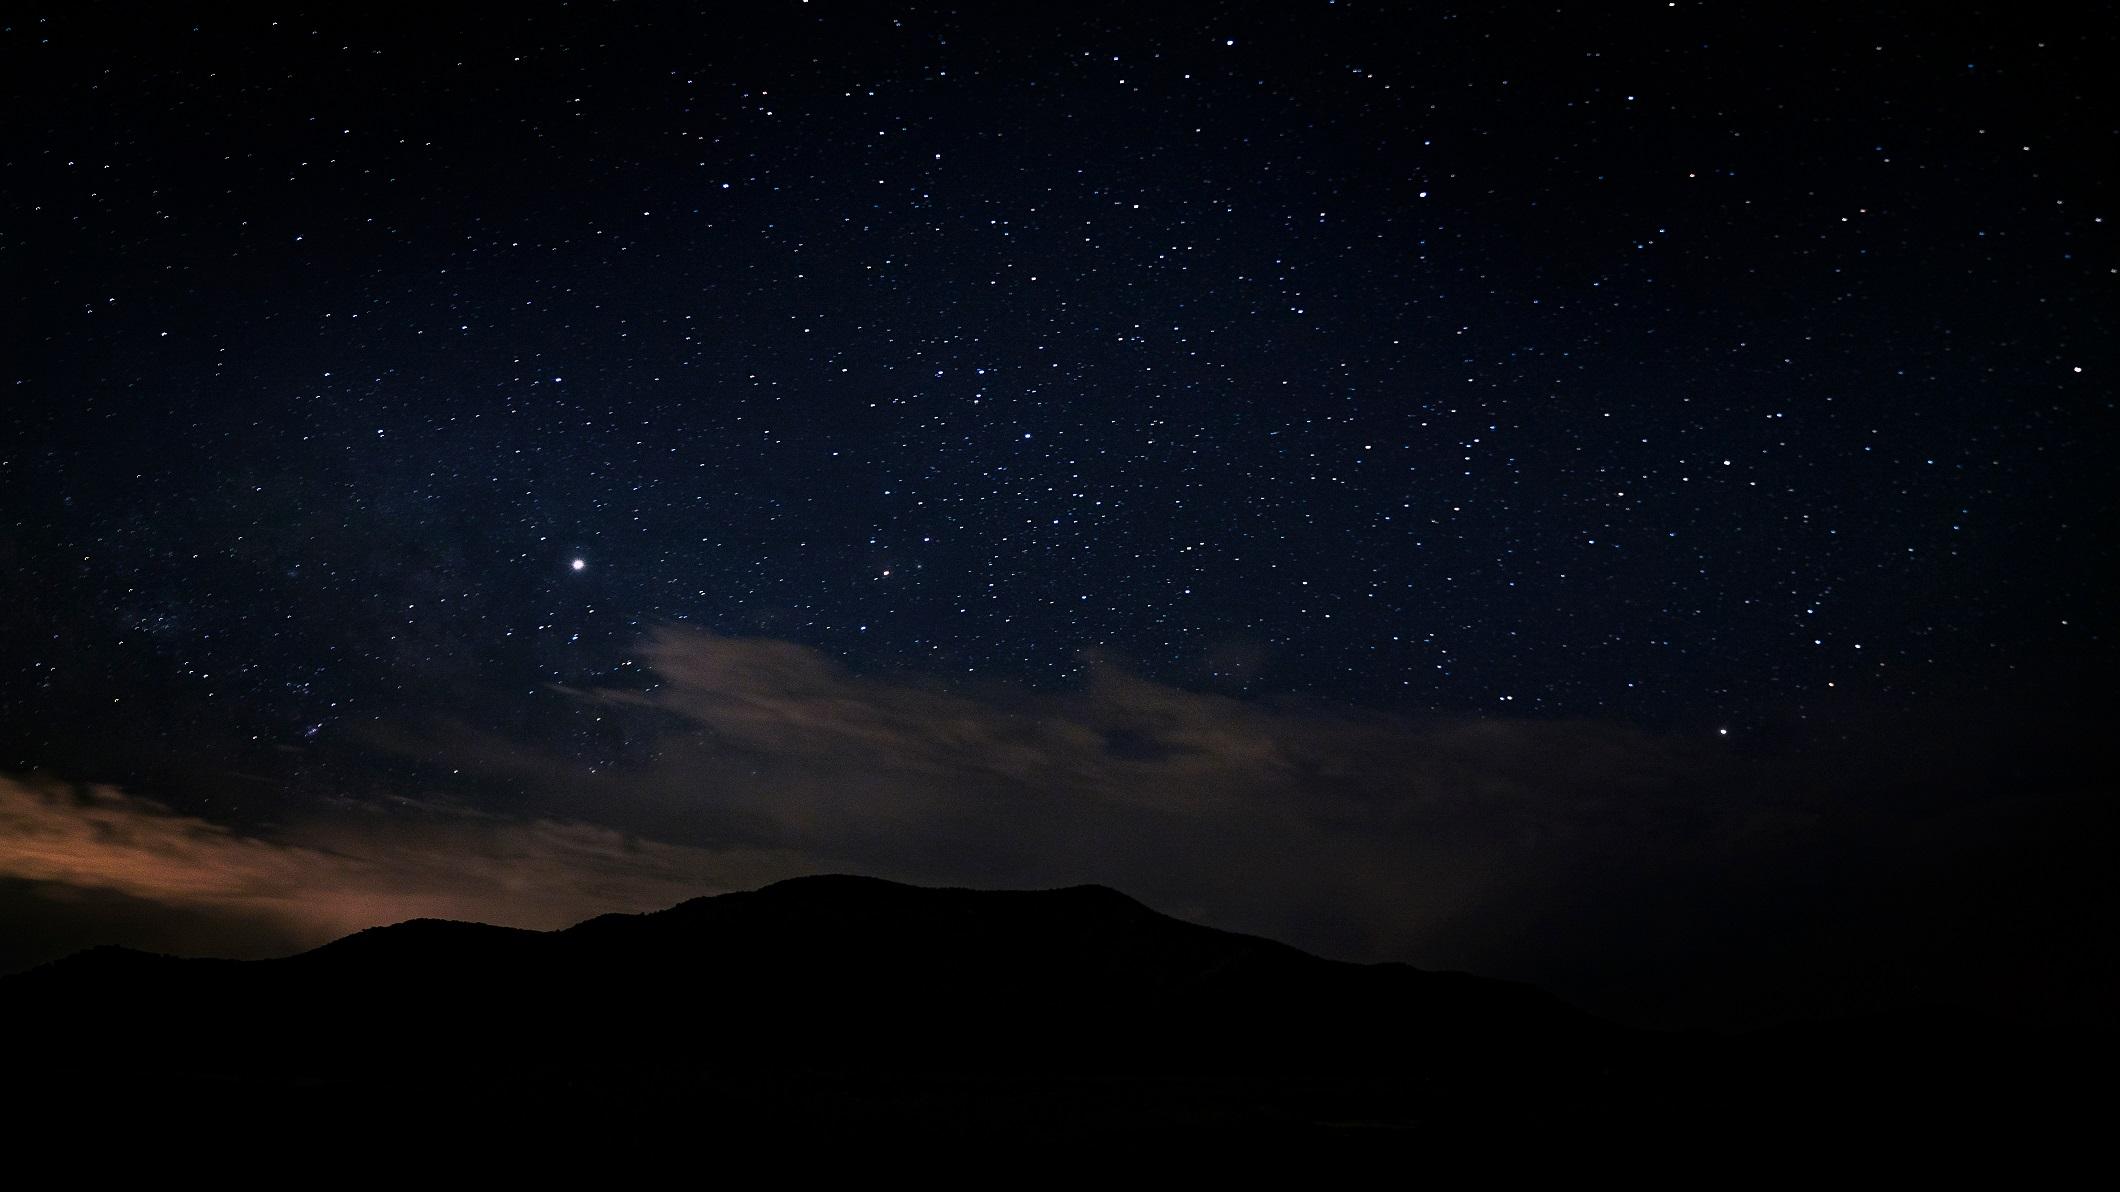 英國多地民眾發現,在跨年夜的午夜過後,天空中出現飄移的橘色光球。此為美國猶他州的夜空,與本文無關。(Shutterstock)